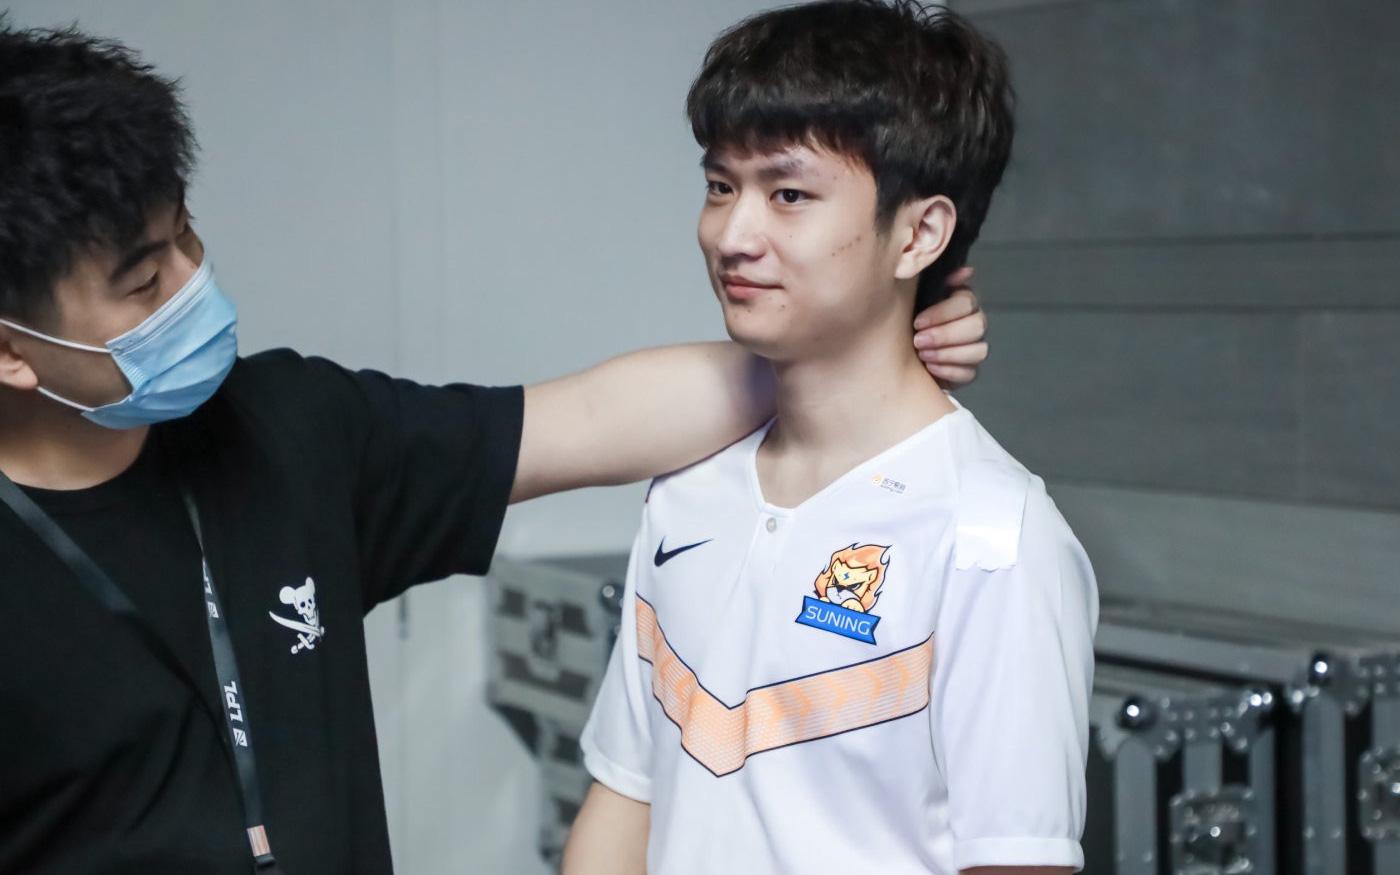 Sau scandal qua đêm với fangirl, huanfeng không tham dự All-Star LPL 2020